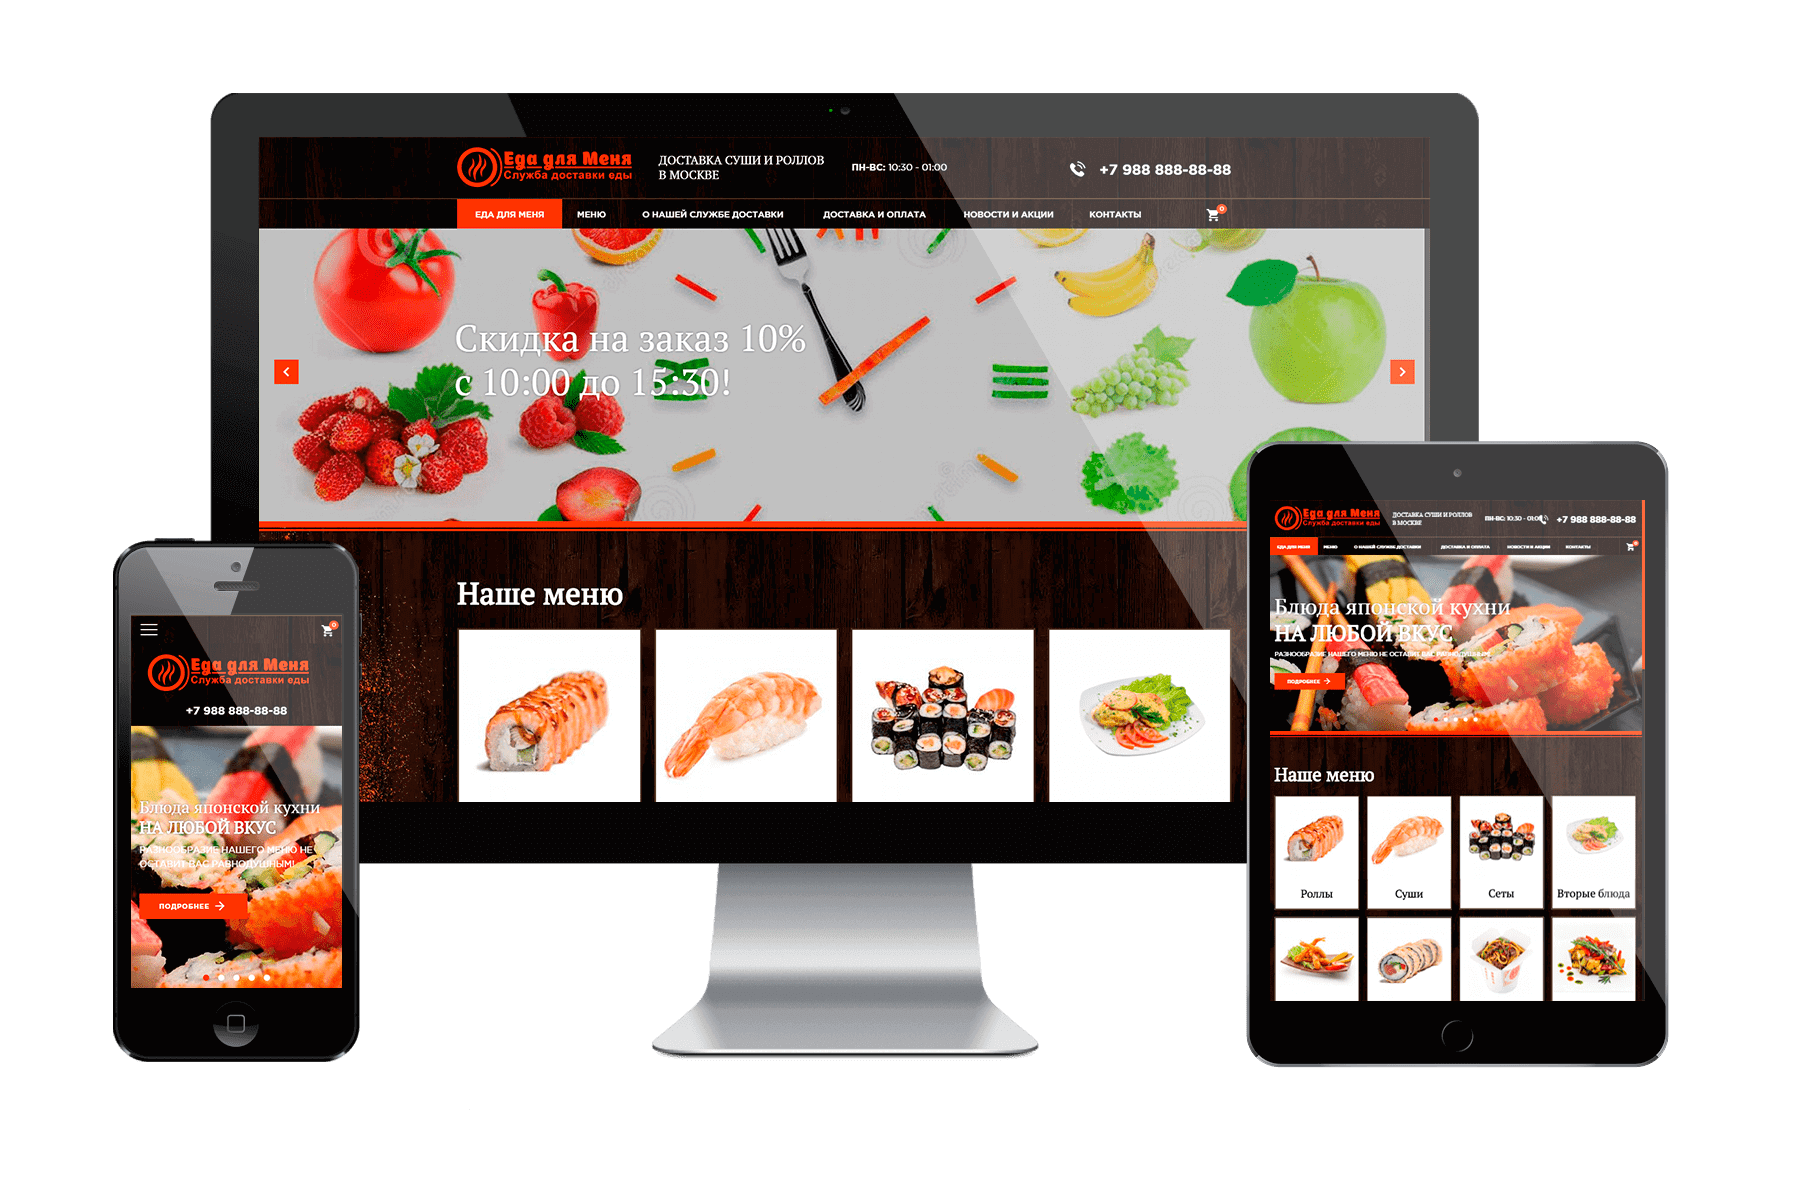 Интернет магазин доставки еды «Еда для Меня»